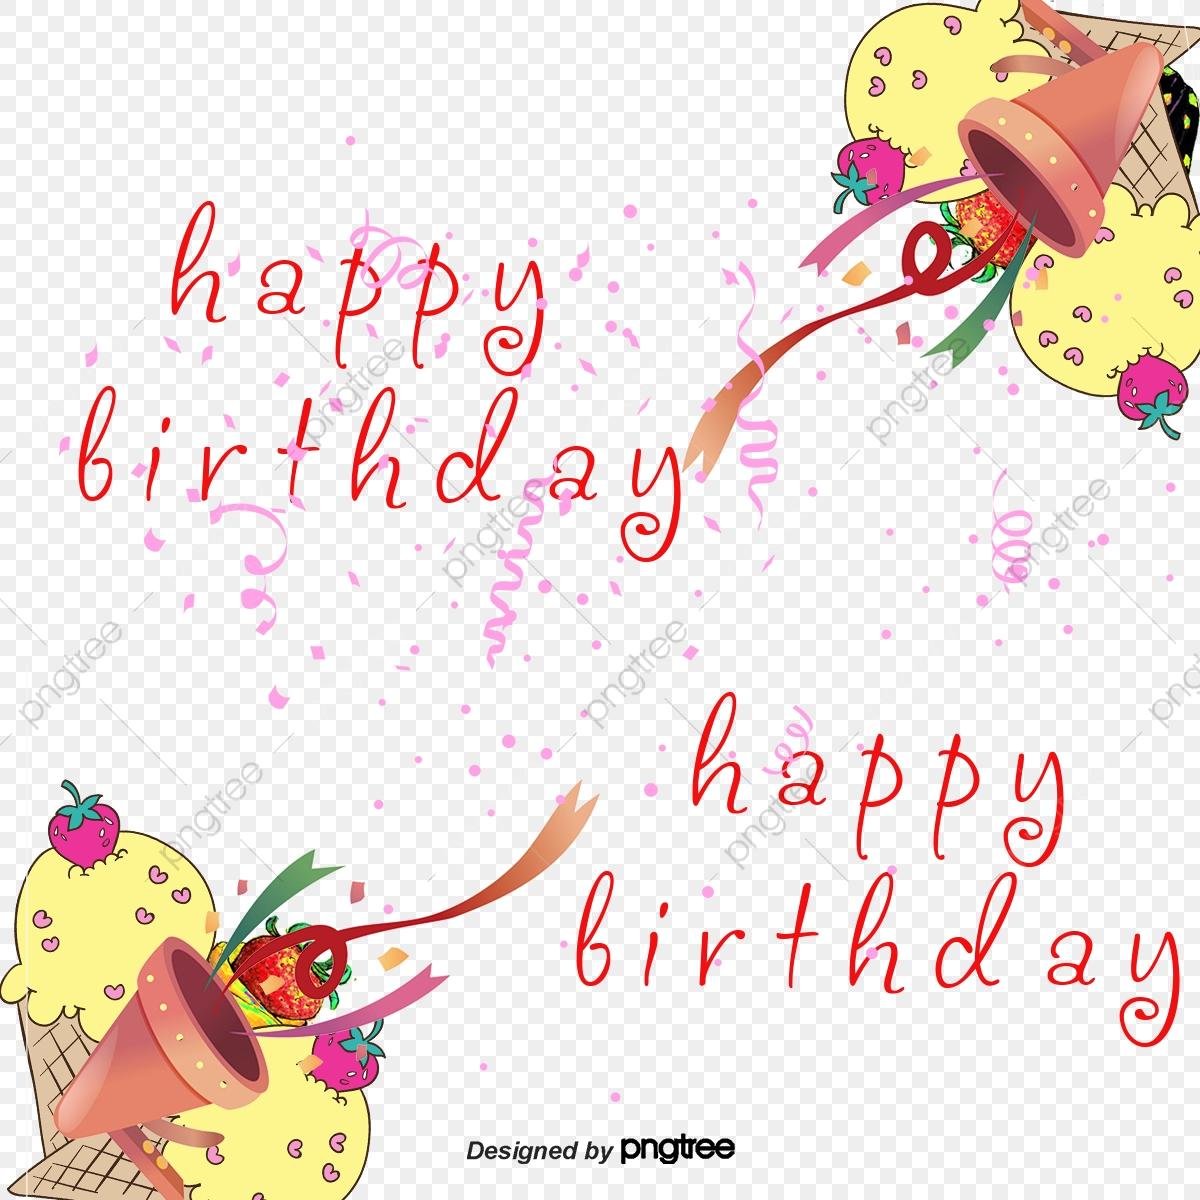 お誕生日ケーキイラスト素材ベクトル 無料 PNG そして ベクトル